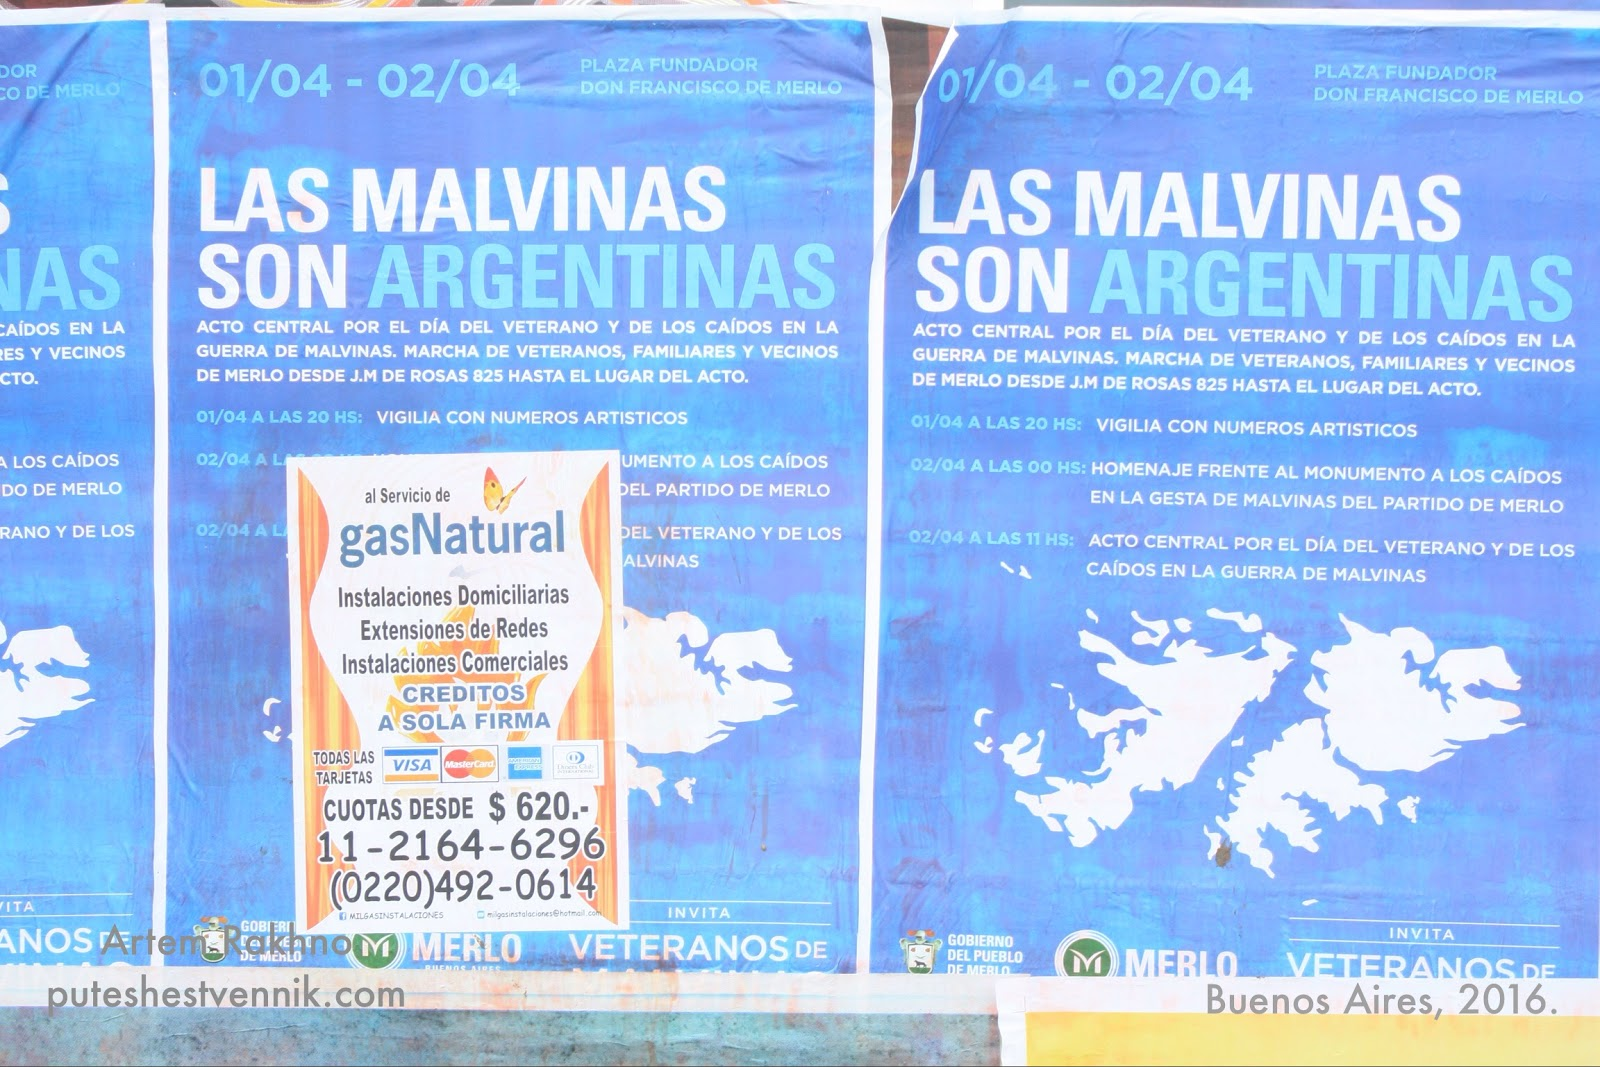 Плакат о Мальвинских(Фолклендских) островах